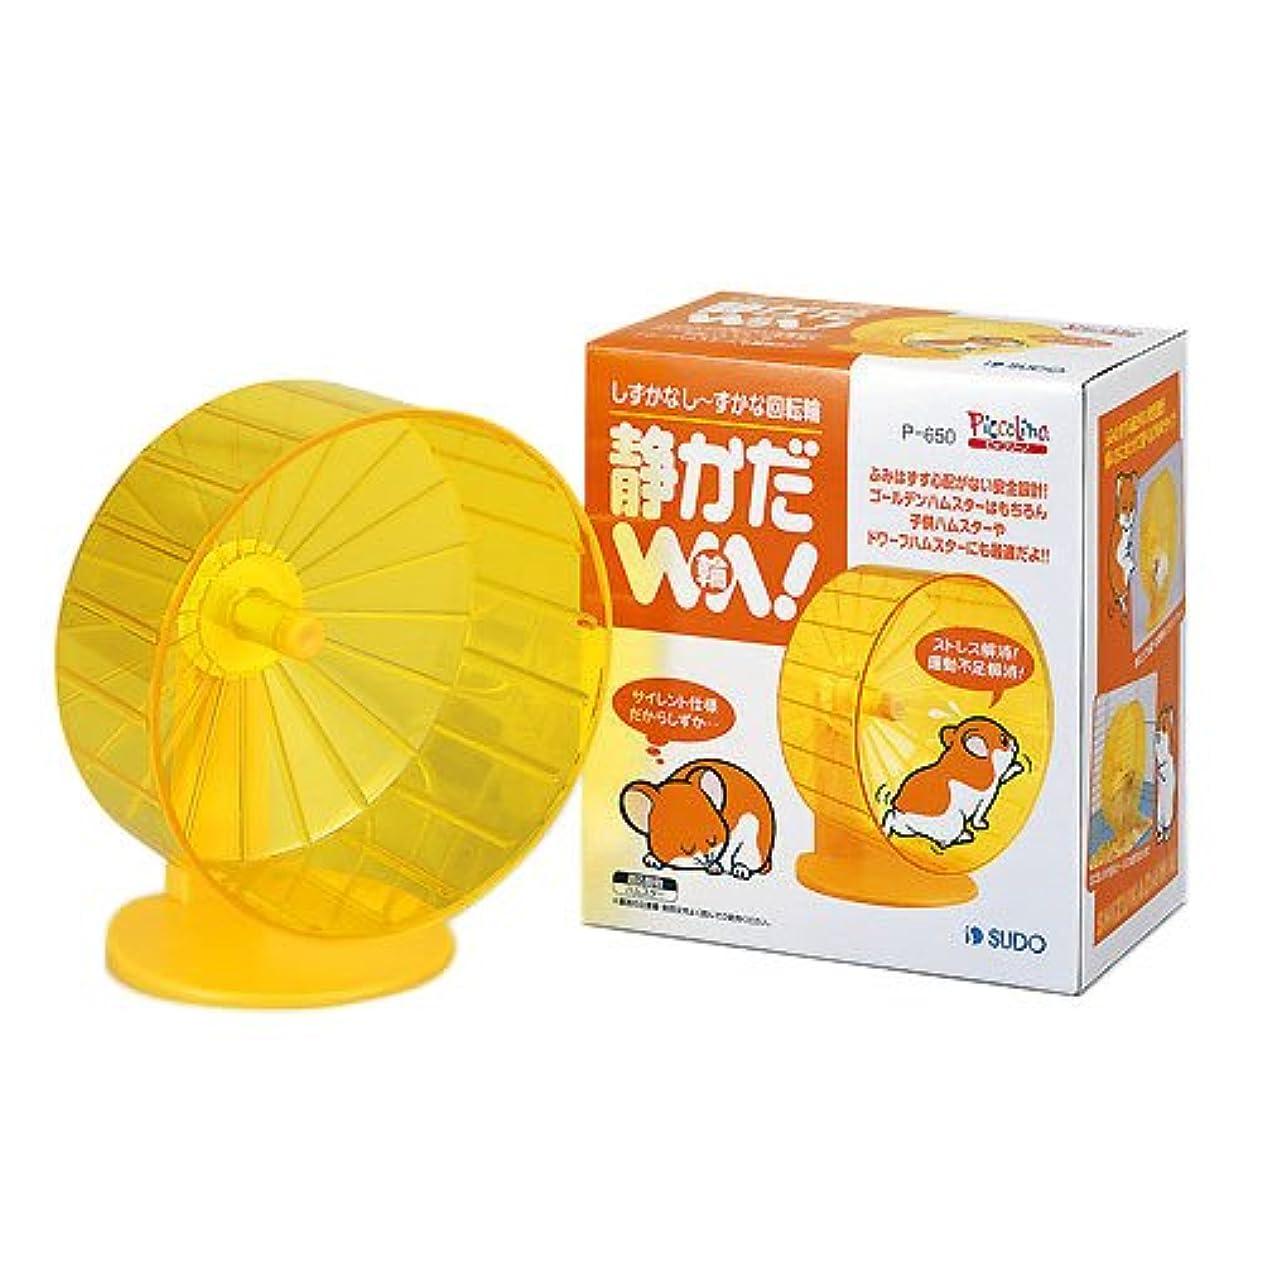 可聴花瓶着替える(サンライン)Sun Line ペット用品 ハムスター 回し車 走る おもちゃ ストレス解消 ケージアクセサリー (ブルー)